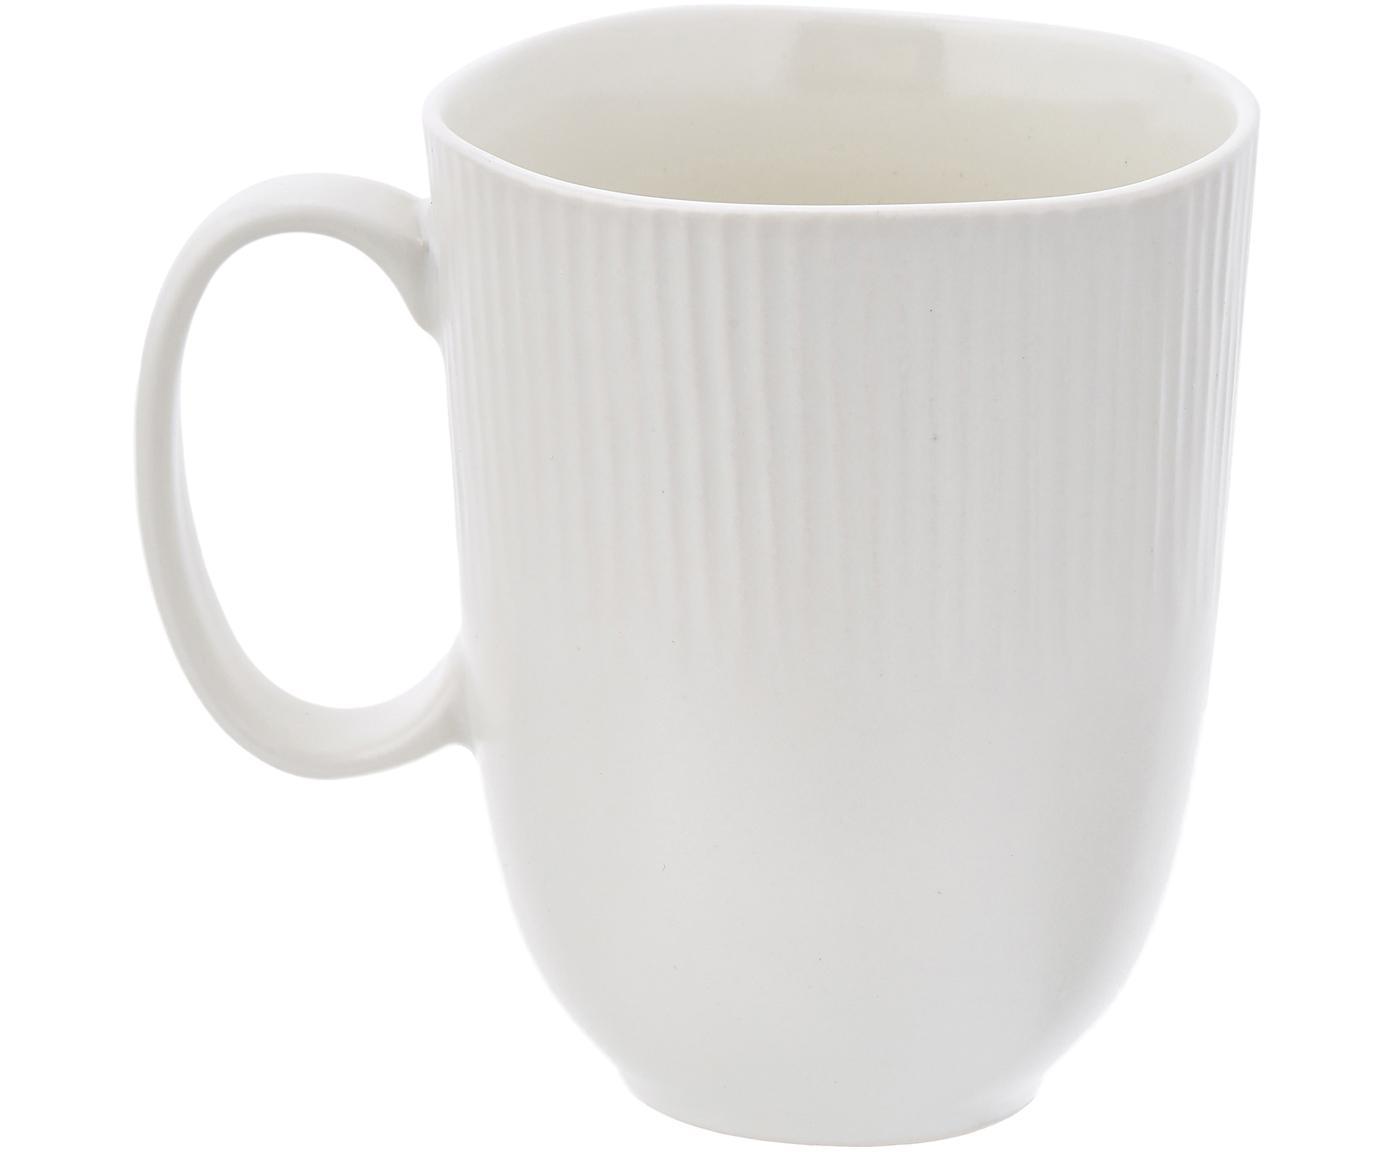 Tazas artesanales Sandvig, 4uds., Porcelana, coloreada, Blanco roto, Ø 8 x Al 10 cm